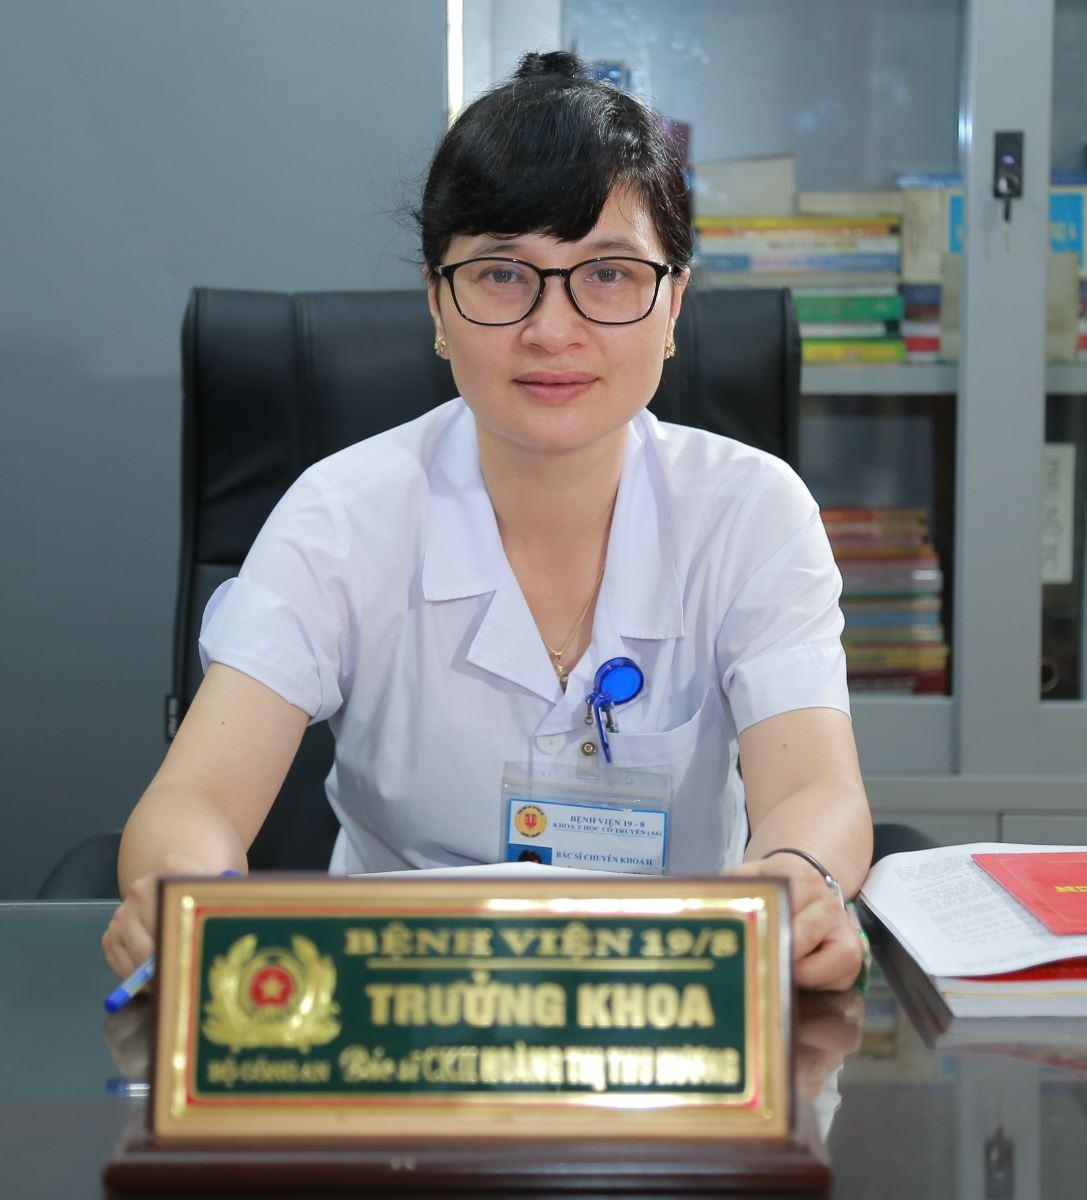 Hoàng Thị Thu Hương